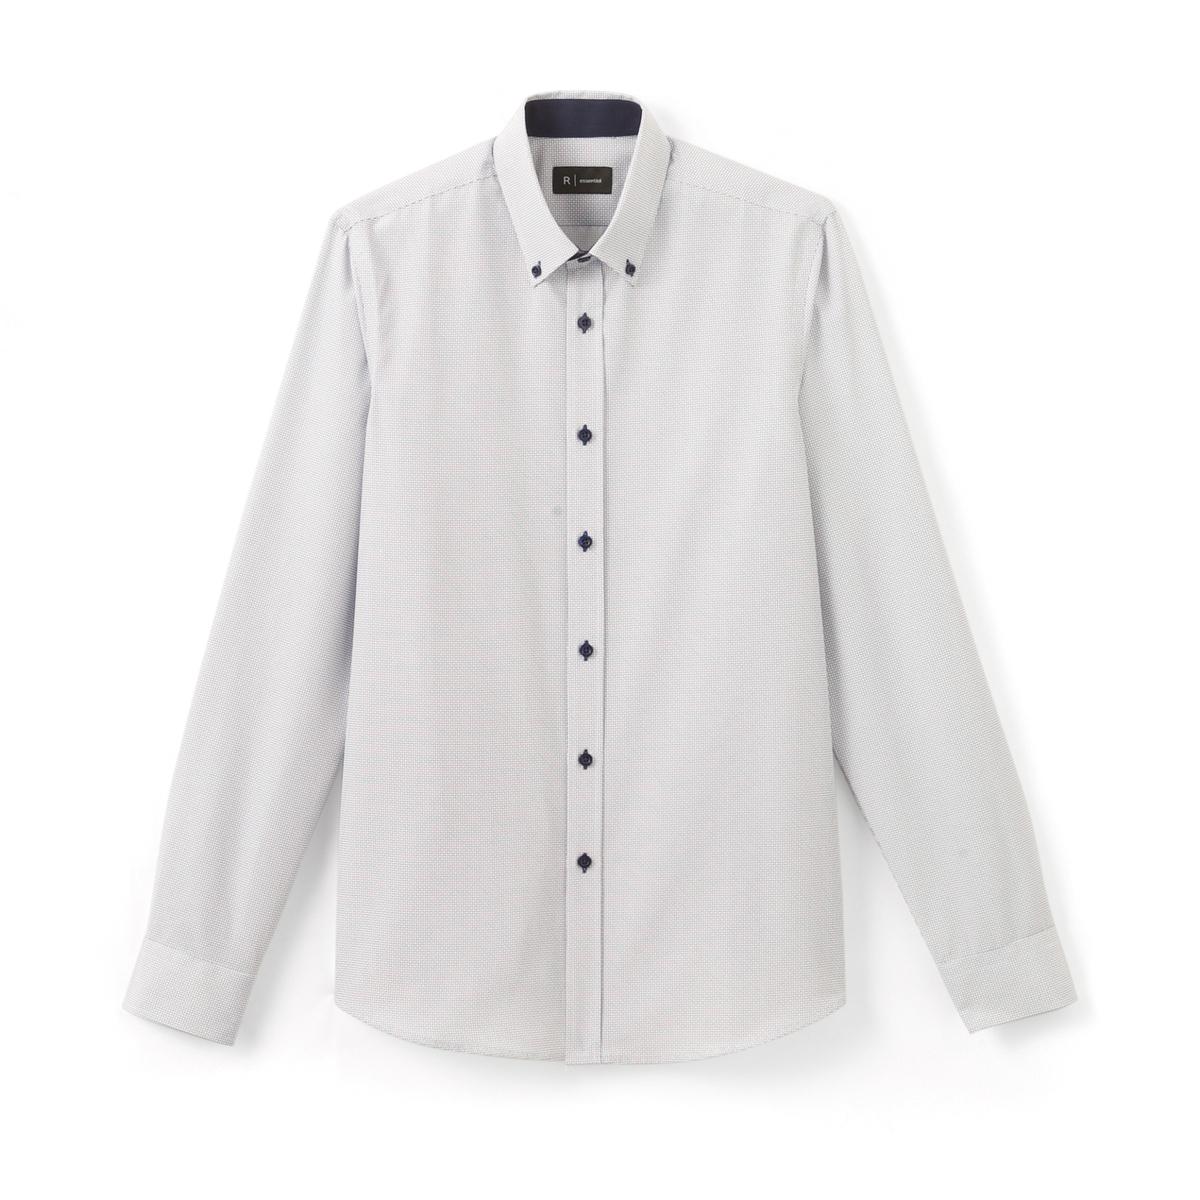 Рубашка узкая с принтом, из хлопка